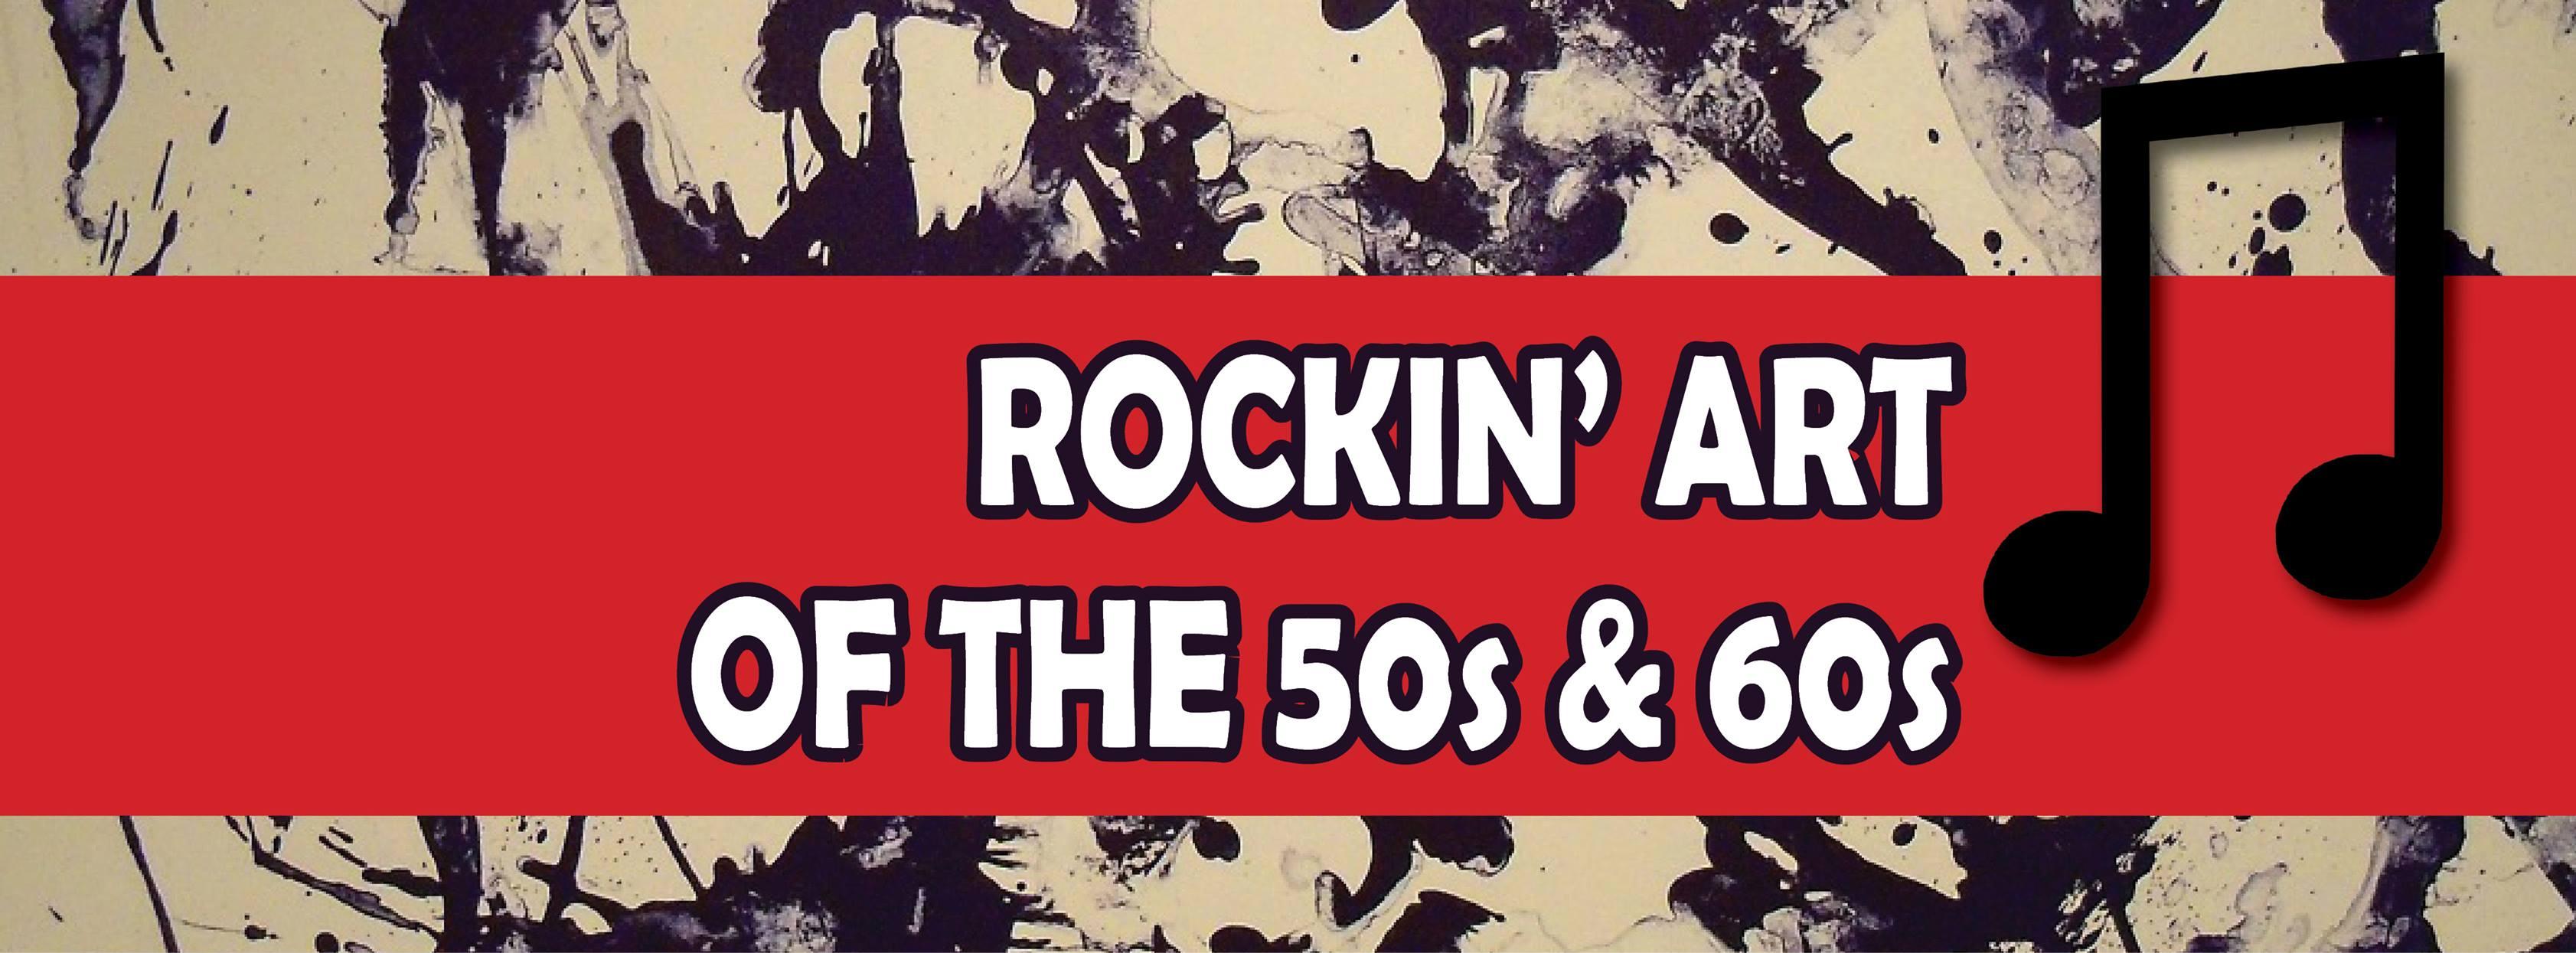 rockin-art